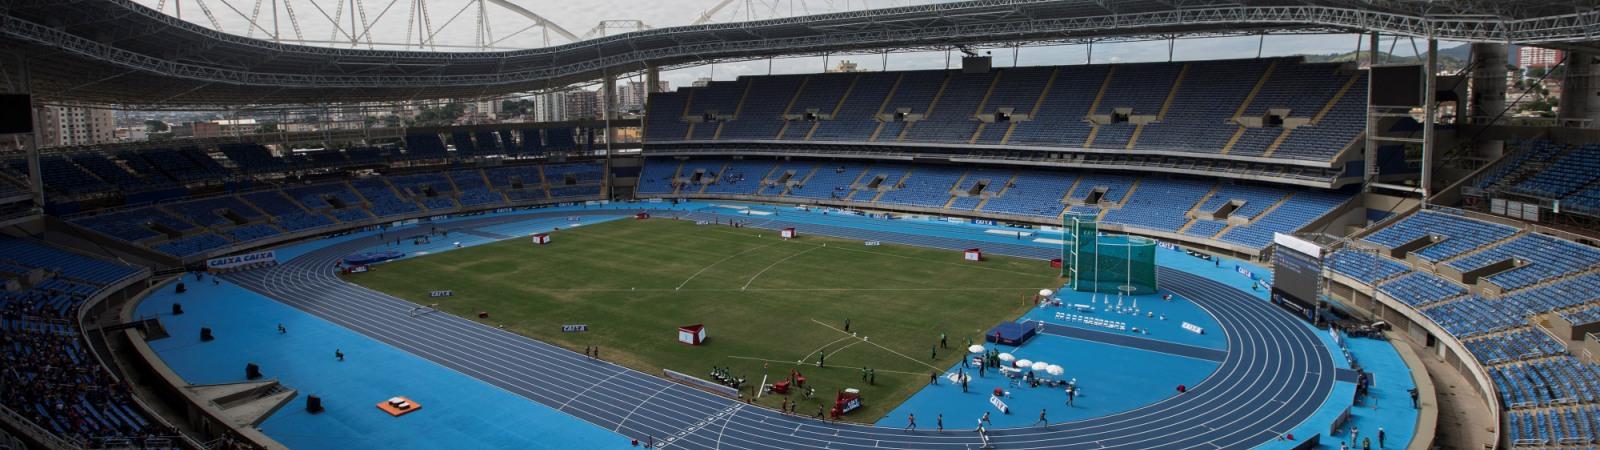 Vista general del Estadio Olímpico de Río durante los 3000 metros varoniles steeplechase en el evento de prueba de atletismo en Río de Janeiro, Brasil, sábado 14 de mayo de 2016. El evento de pista y campo es el último de los más de 40 eventos de prueba para los Juegos Olímpicos de Río de Janeiro a menos de tres meses de la inauguración. Los tres días de evento finalizan el lunes  en el Estadio Olímpico. (Foto AP/Felipe Dana)